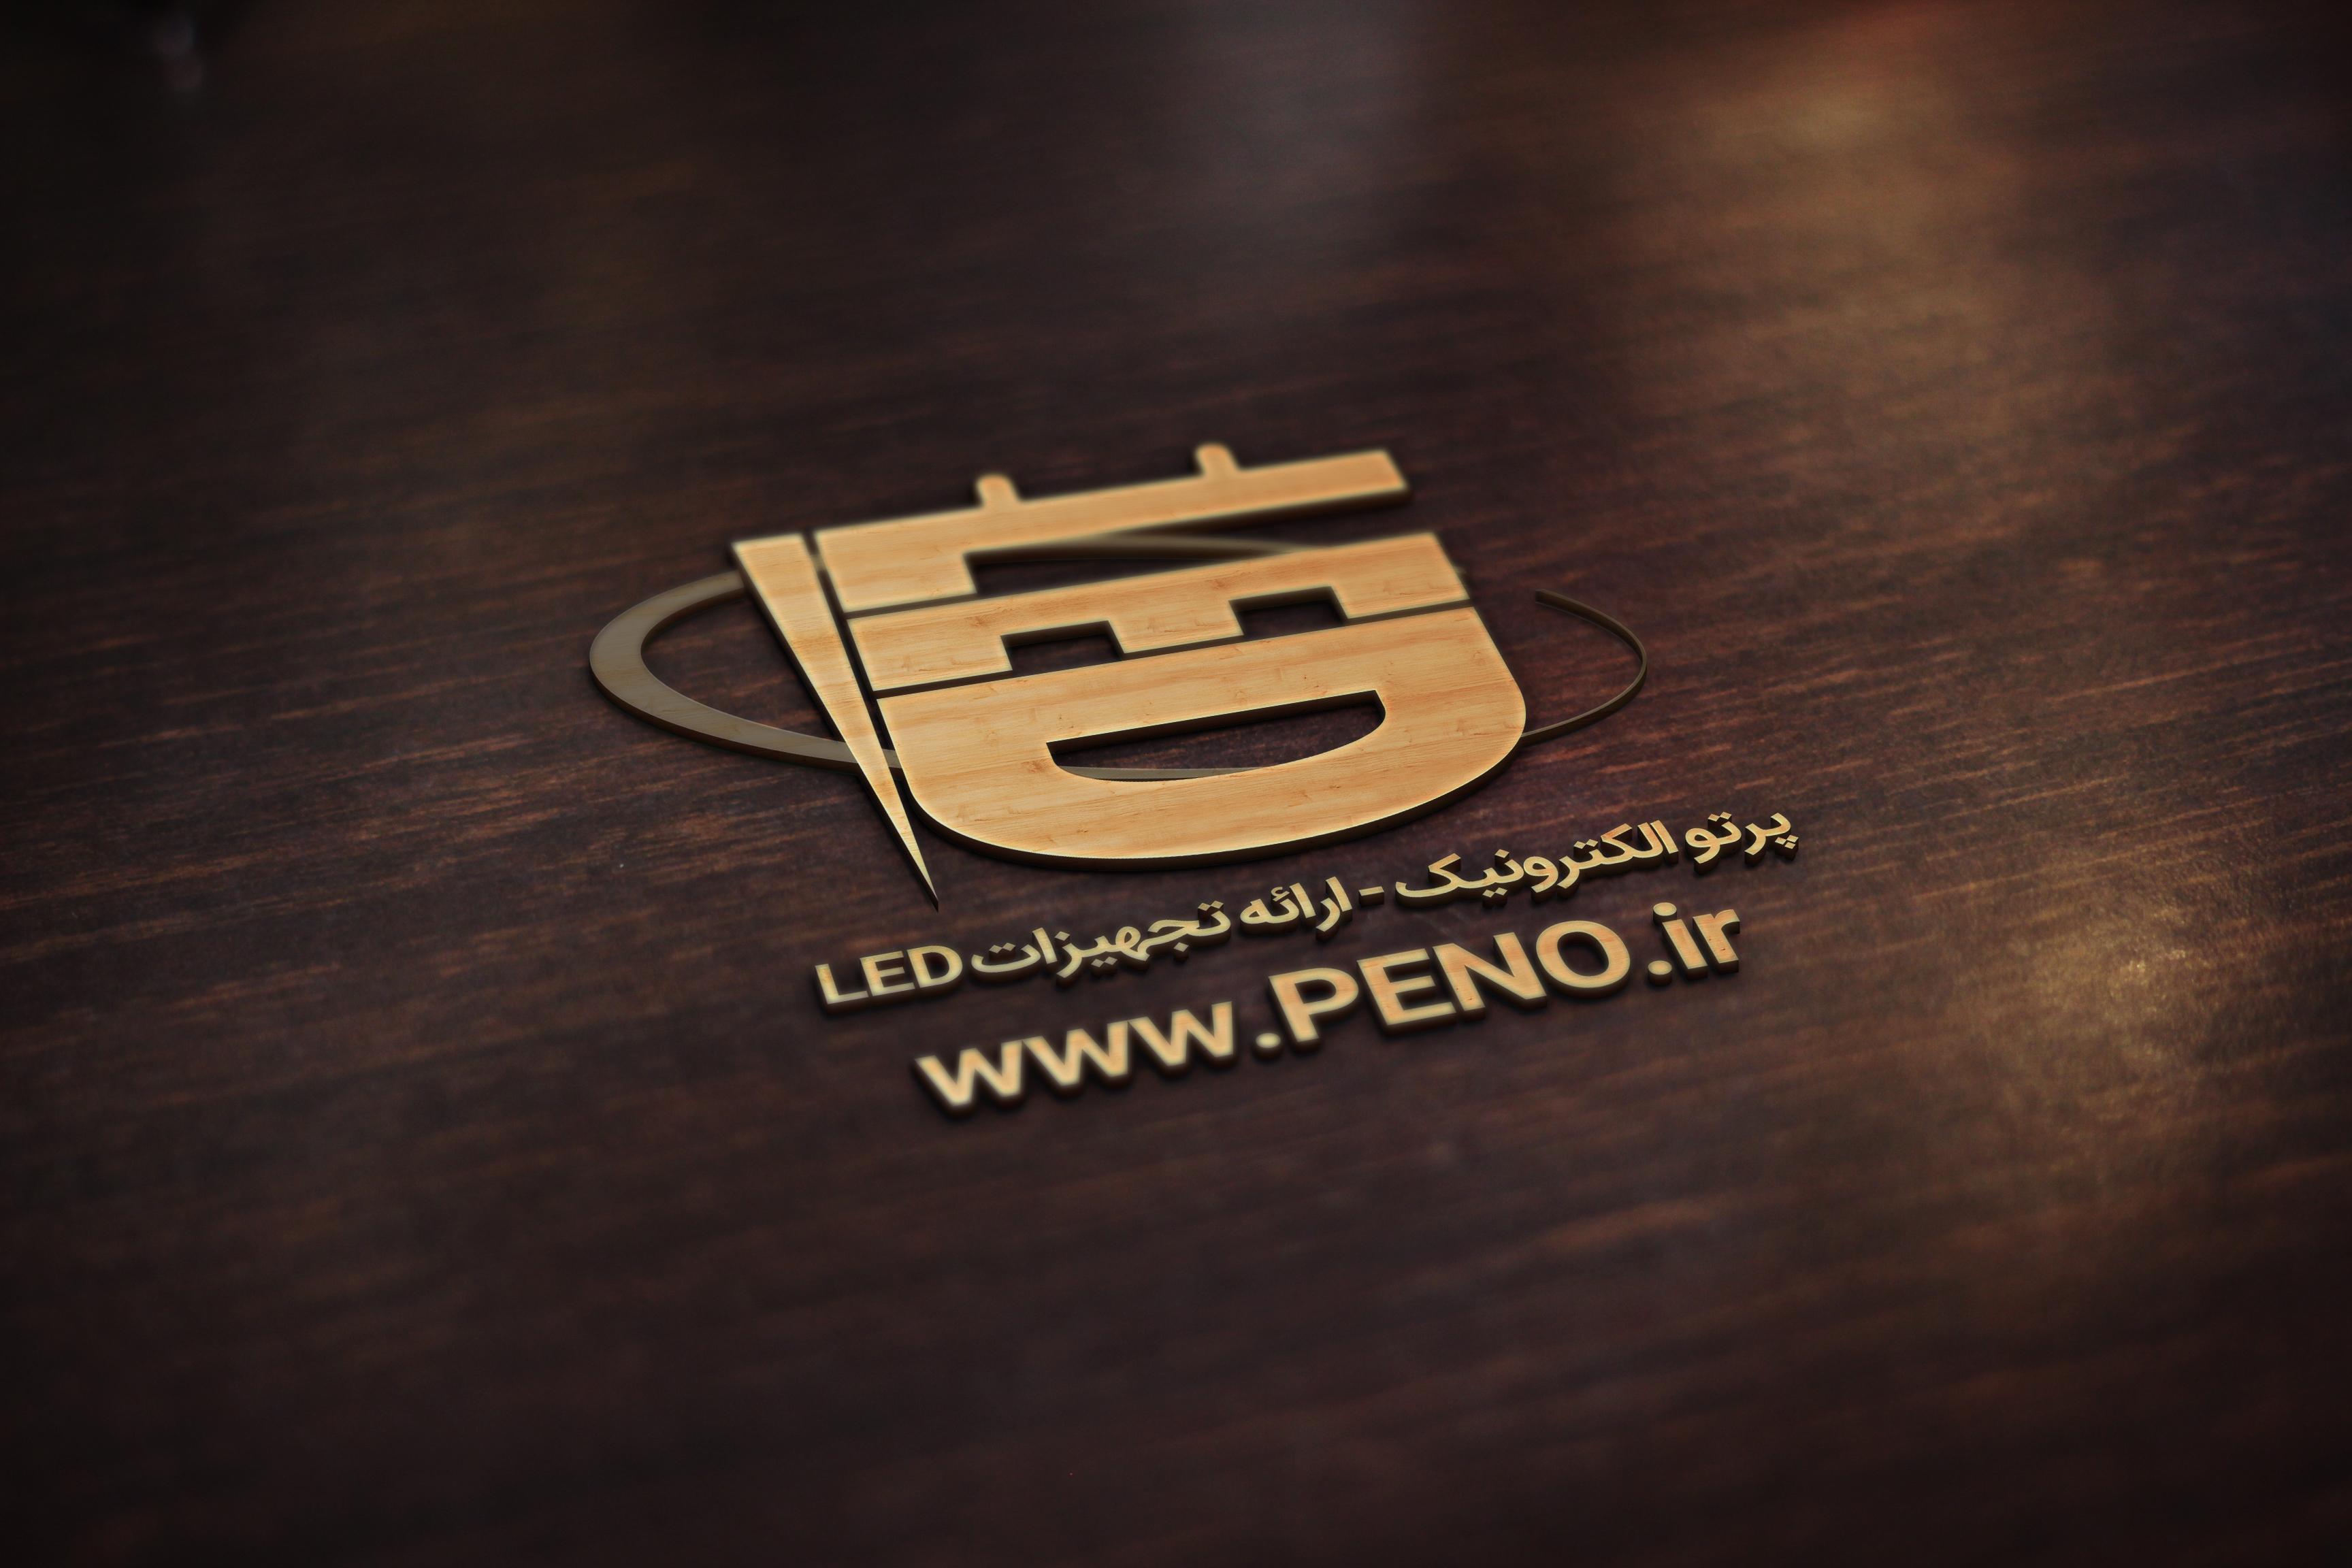 نمونه لوگو فروشگاه اینترنتی پرتوالکترونیک